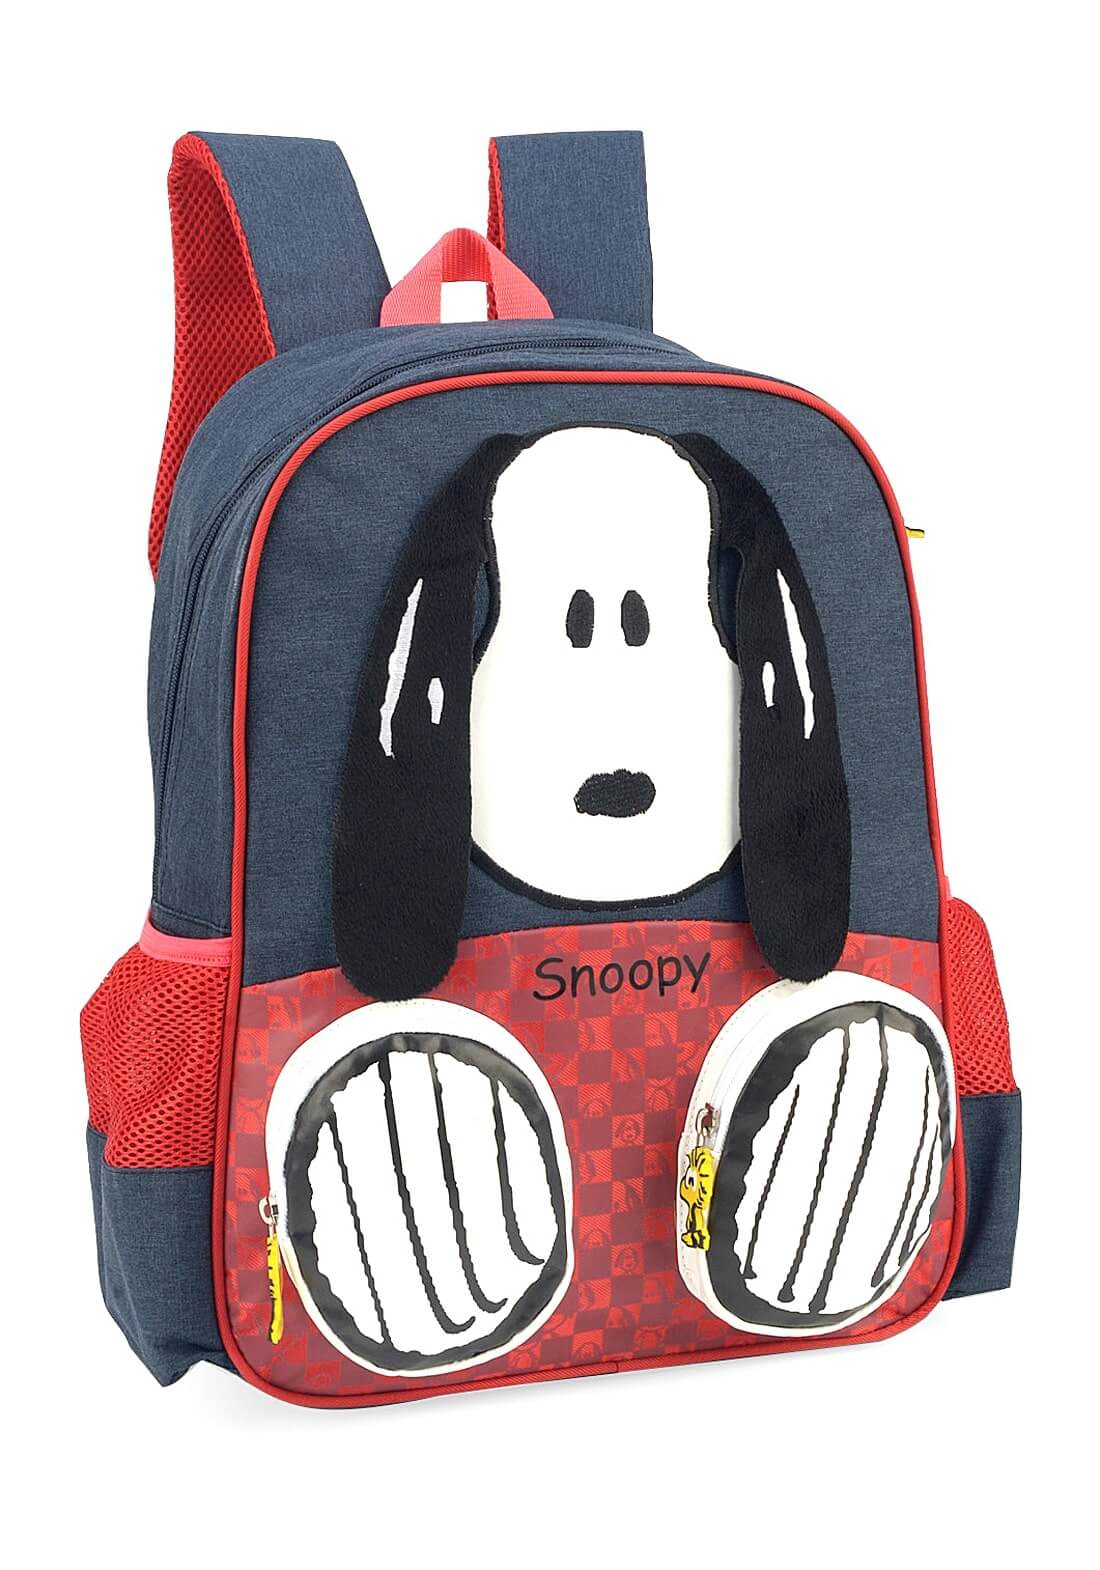 Mochila Peanuts Snoopy Costas 3D Orelhinha Patinha Original